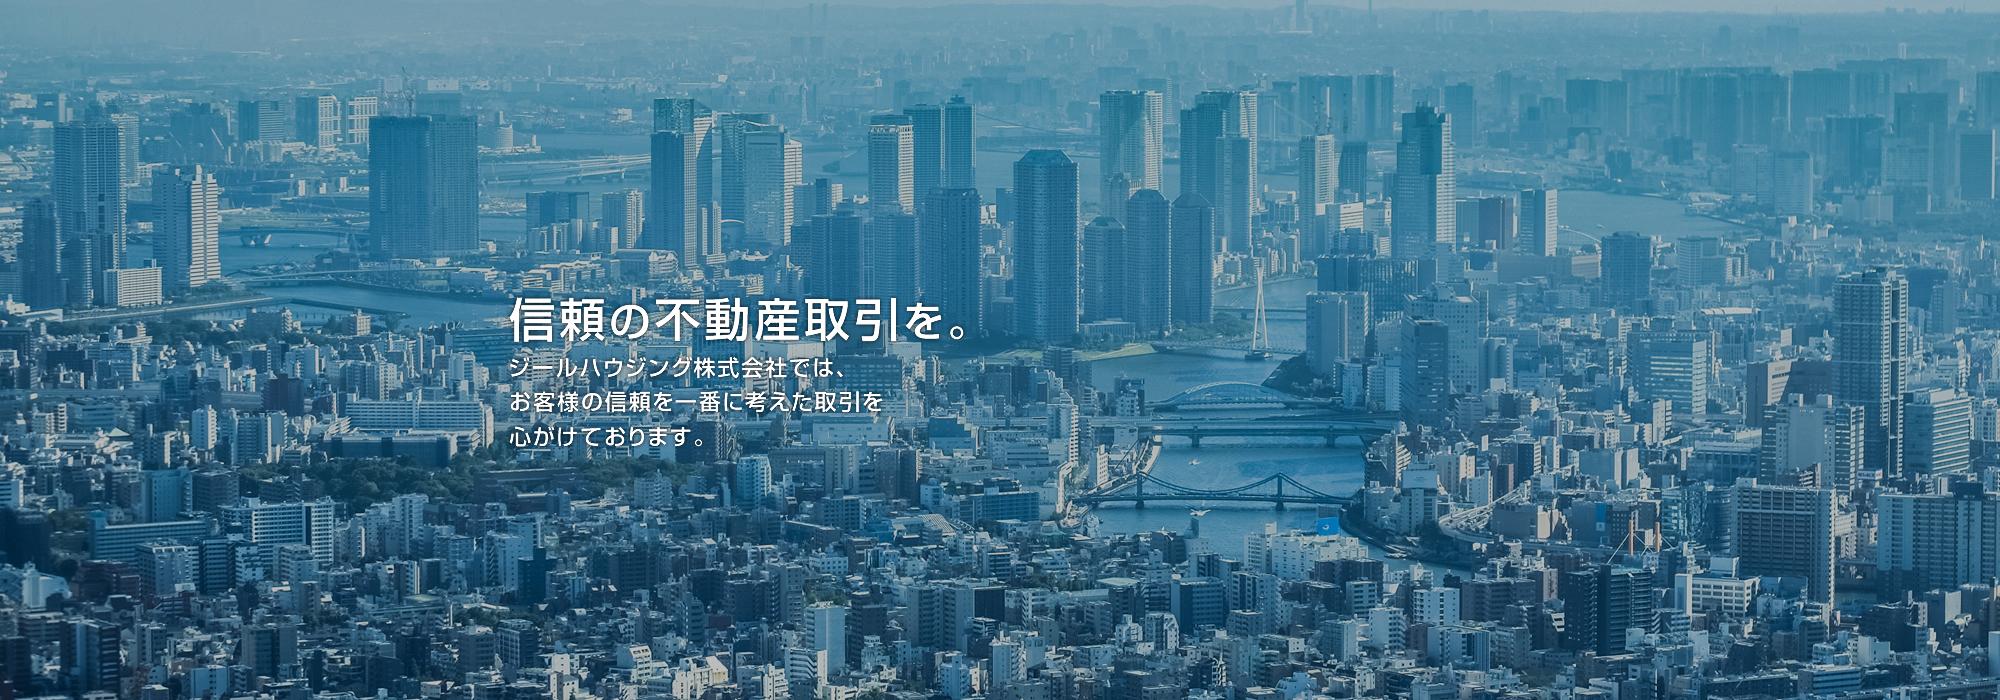 投資用不動産・収益物件・査定などの不動産コンサルティングから、不動産管理事業までを展開する大阪のジールハウジング株式会社